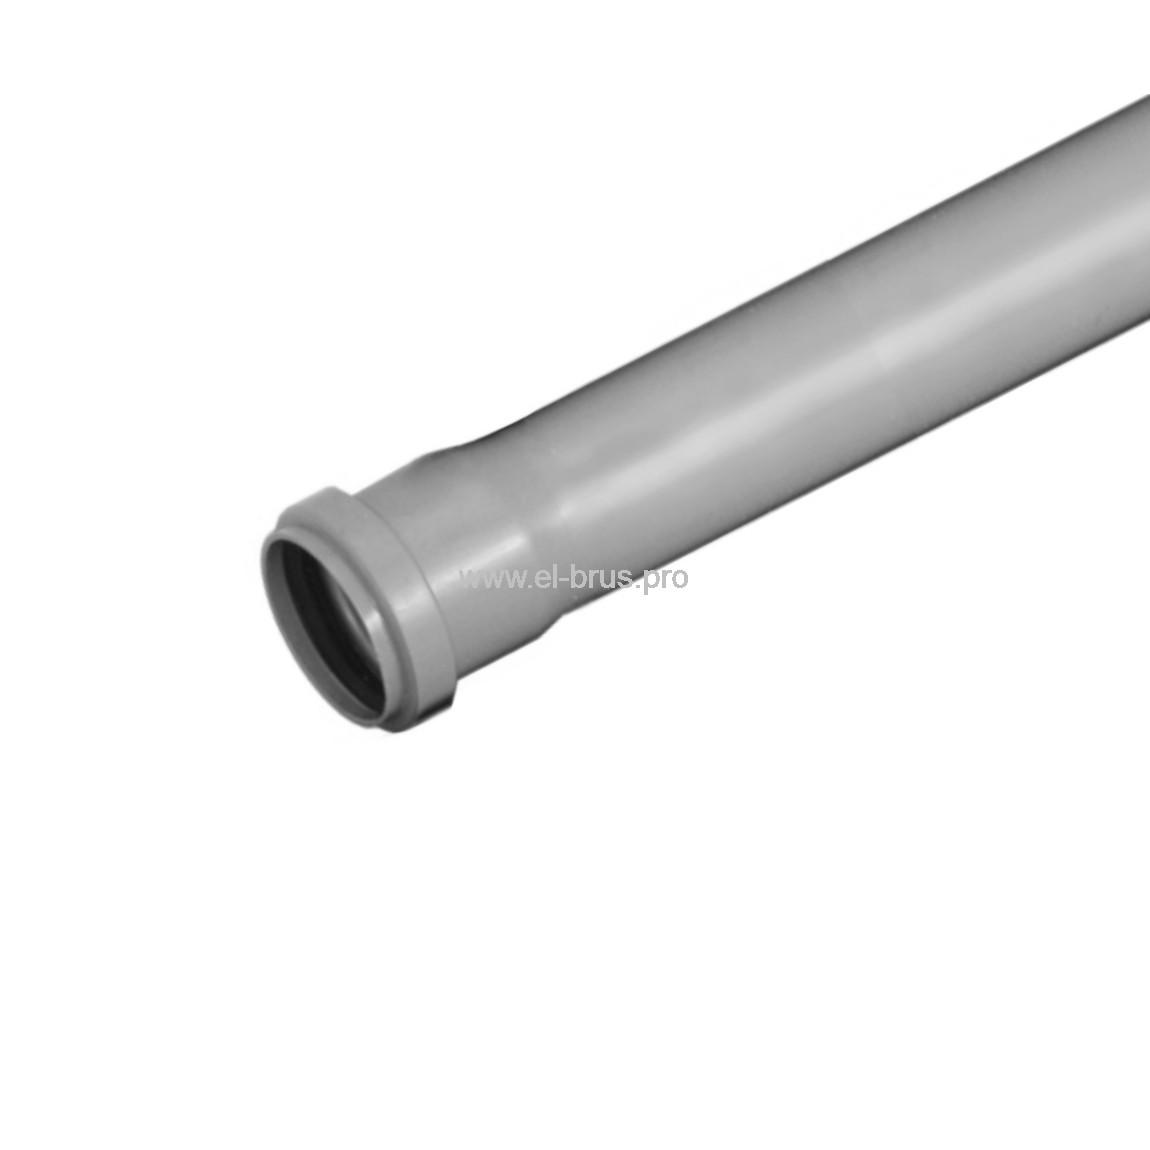 Труба с раструбом ПП  Ø50х1,8х150мм ВК ПОЛИТЭК